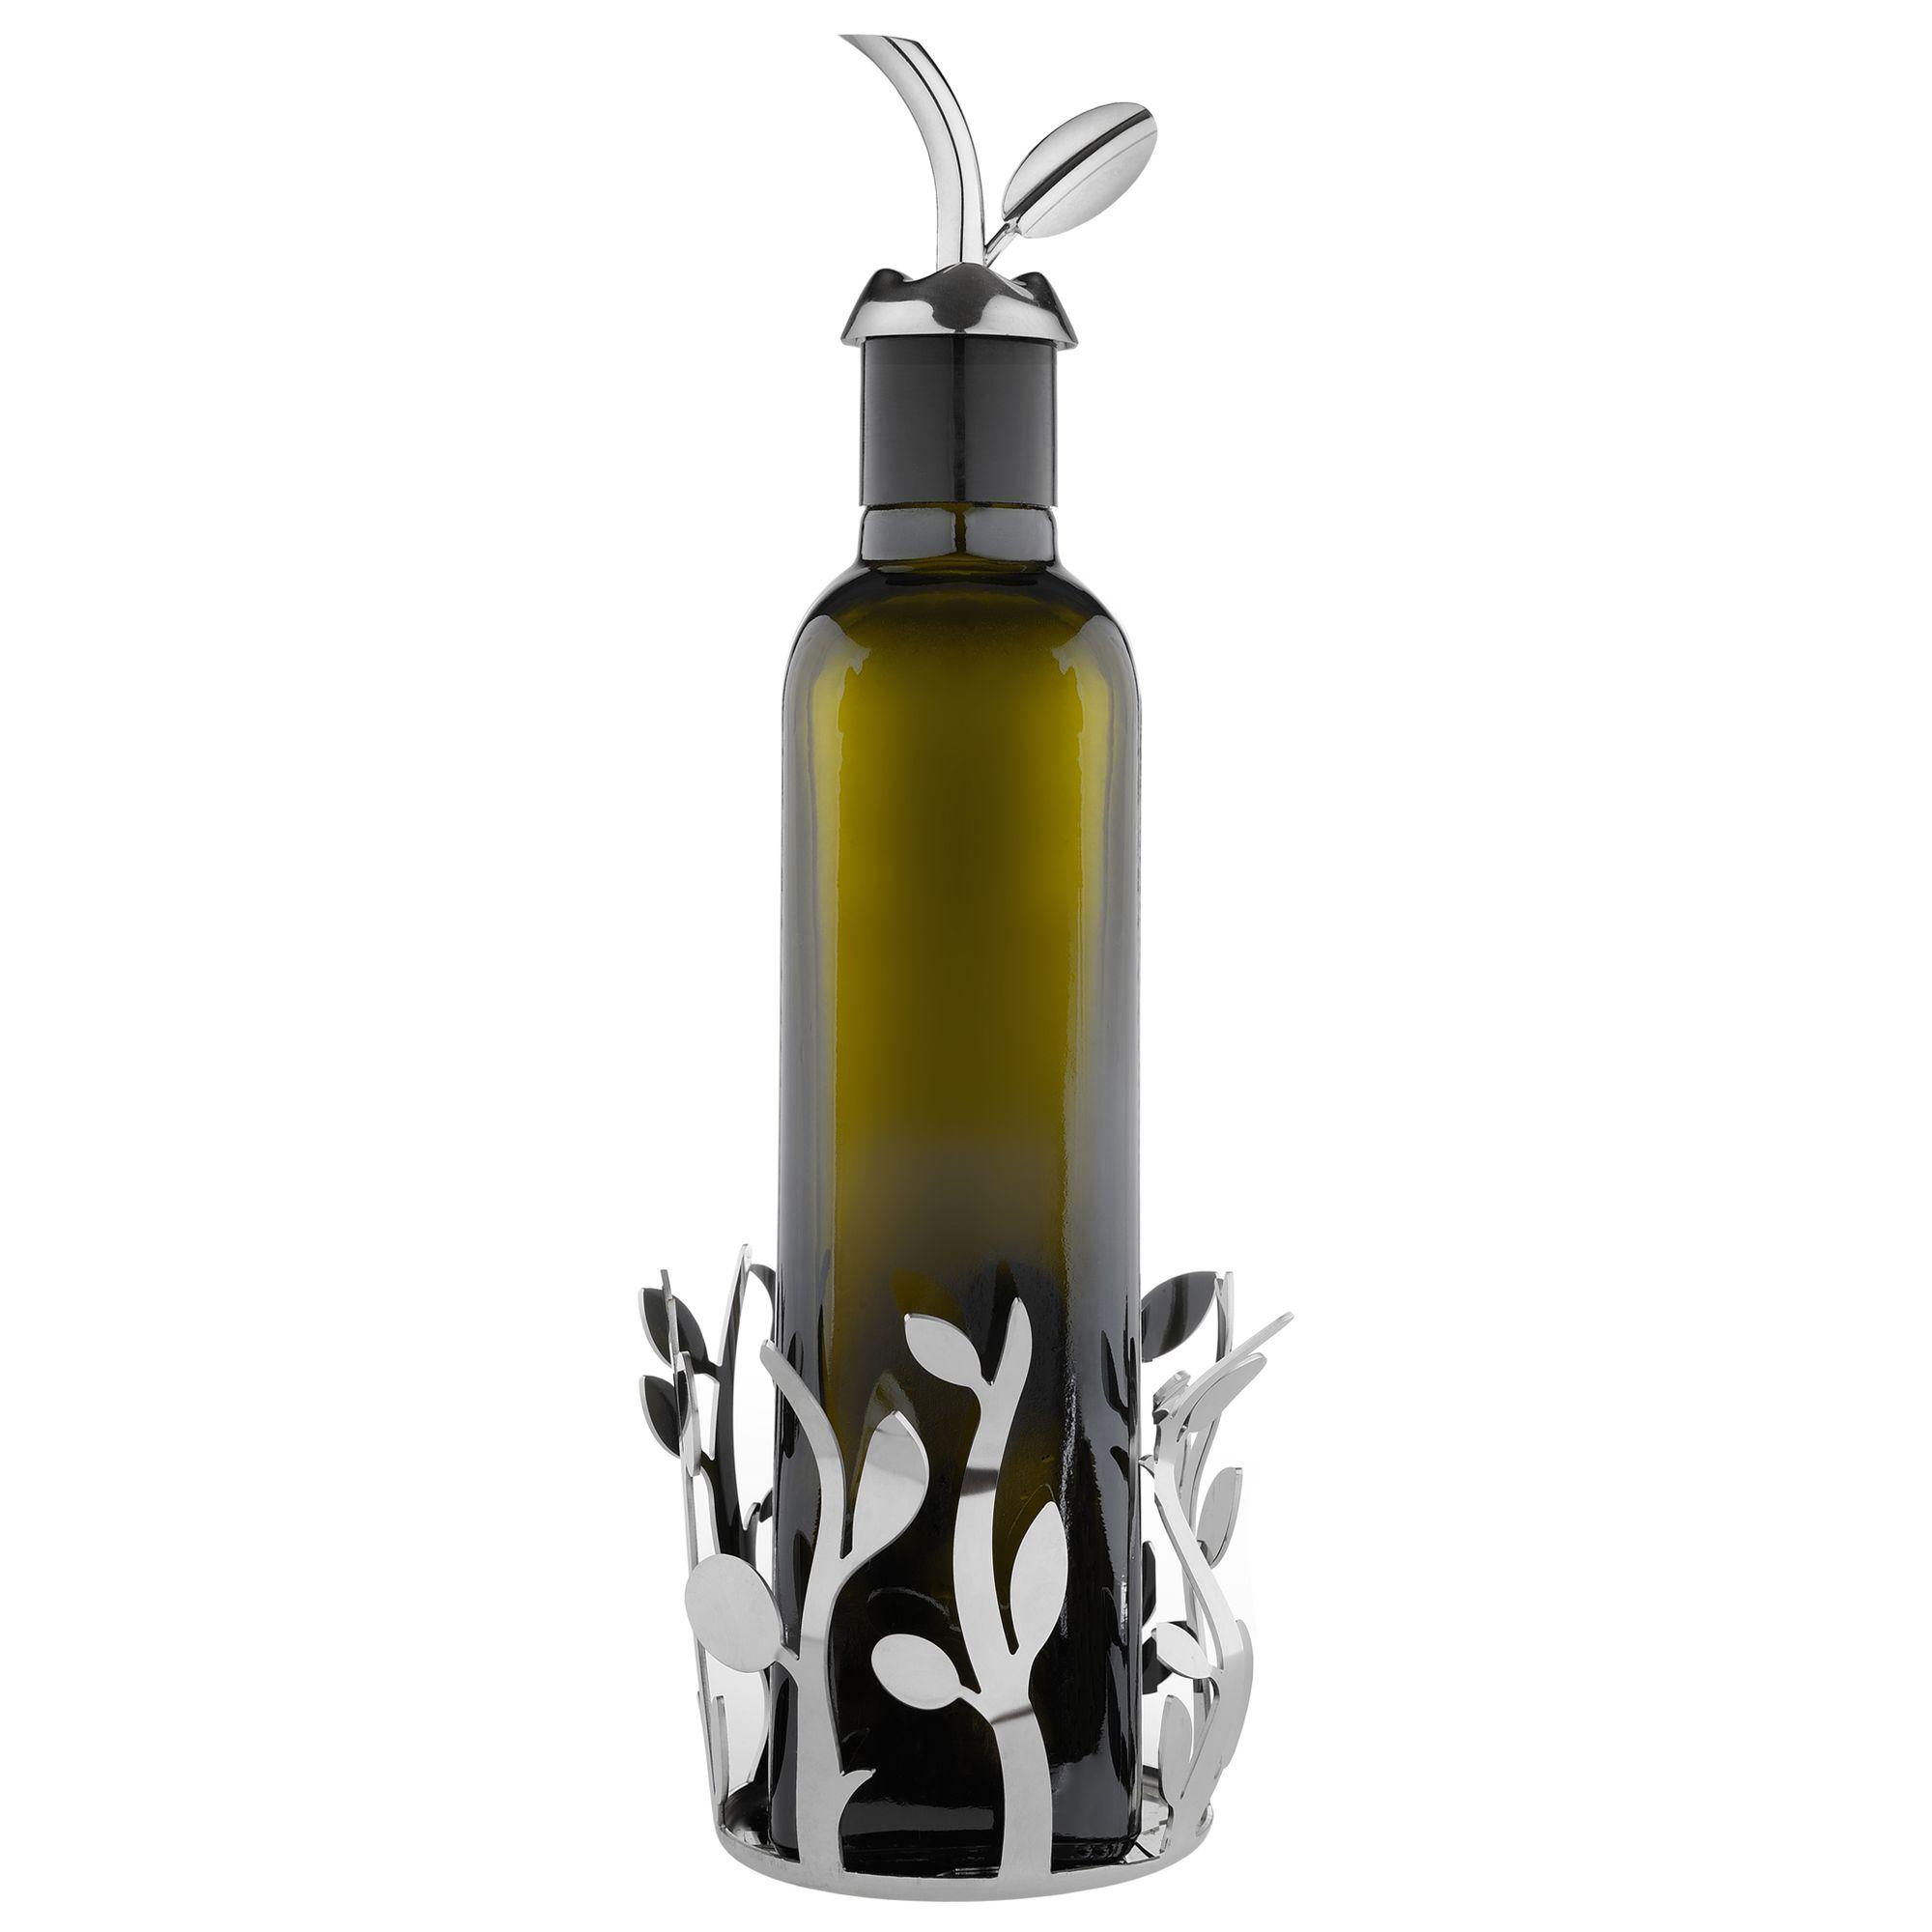 Alessi Olive Oil Bottle Holder at John Lewis & Partners